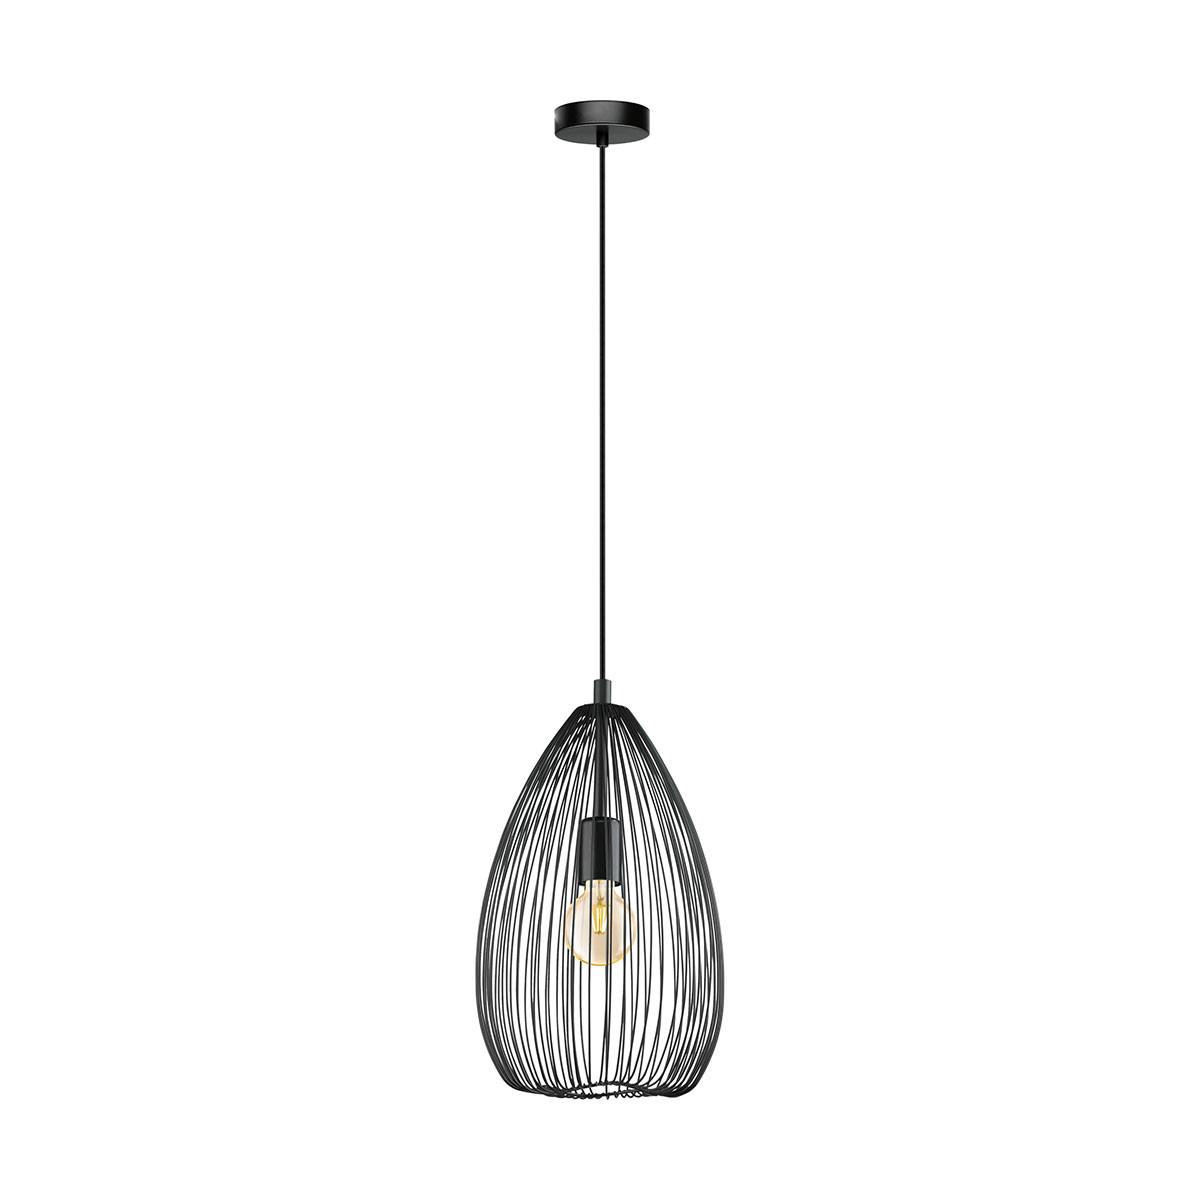 Φωτιστικό Οροφής Μονόφωτο Eglo Clevedon 49141